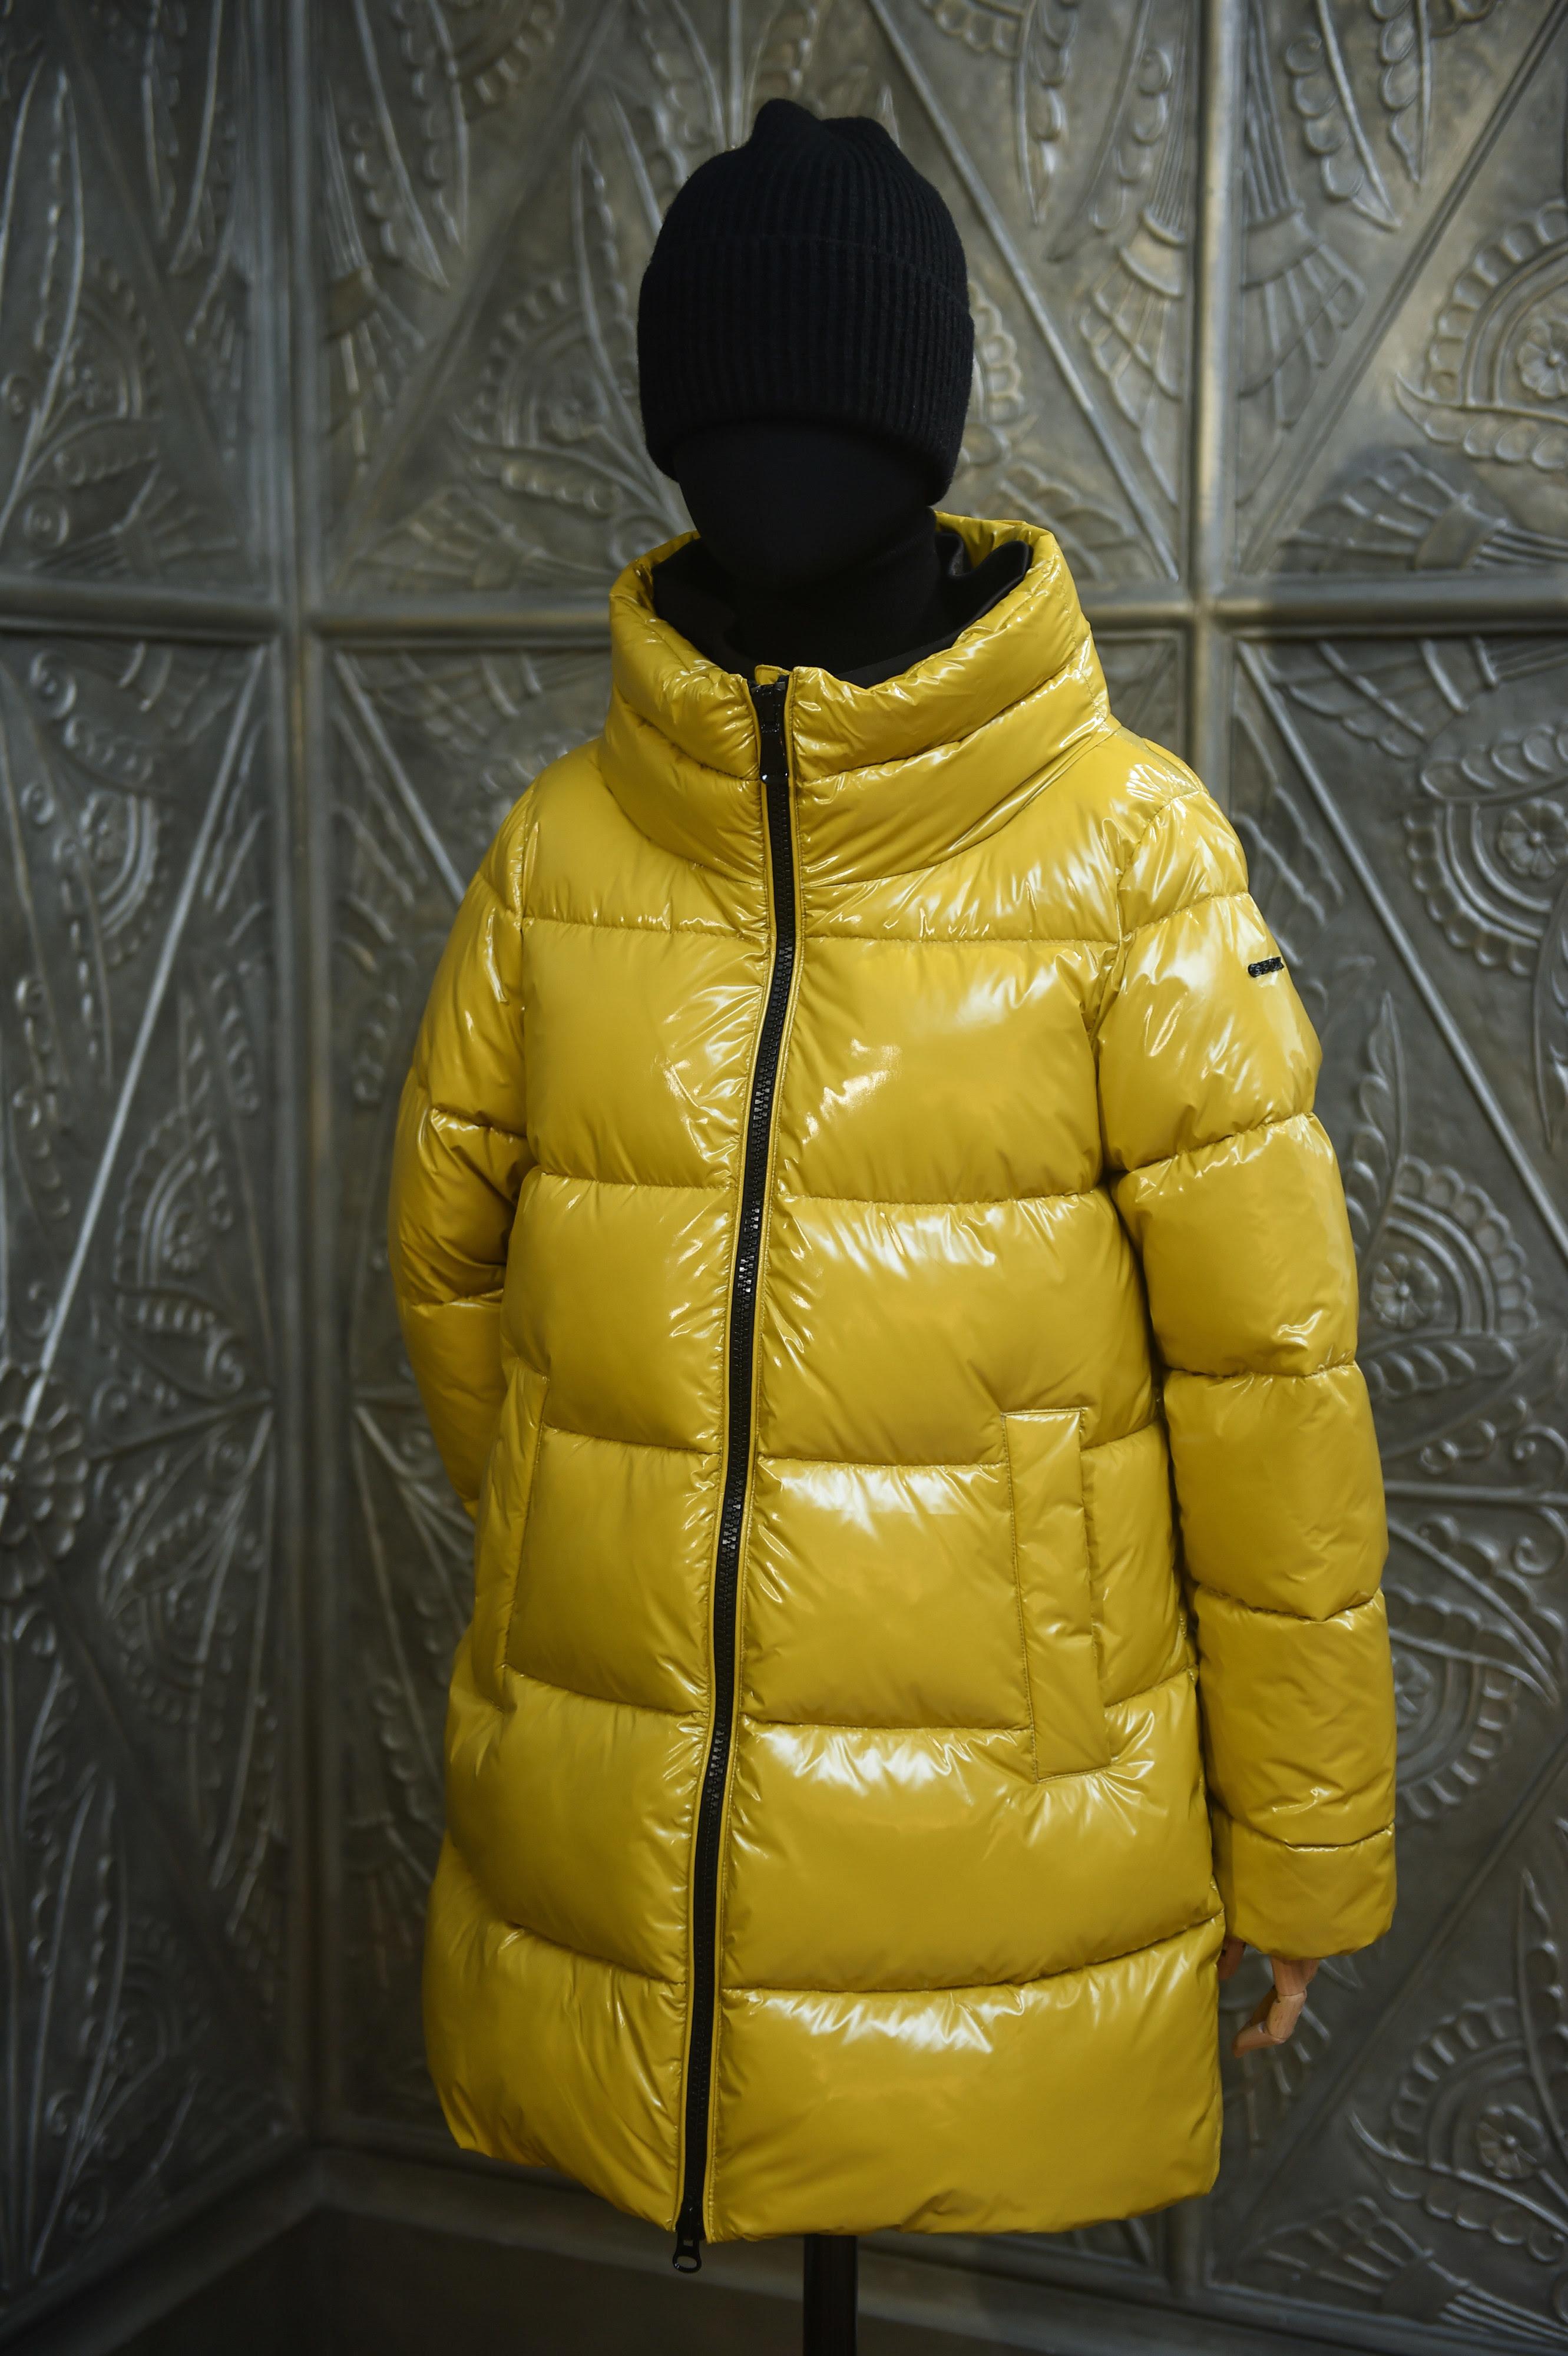 dd2f31c9 a742 4b79 acff f69bb5e5ddef - GEOX presenta su colección Otoño/Invierno 2020 de calzado y prendas exteriores para mujer